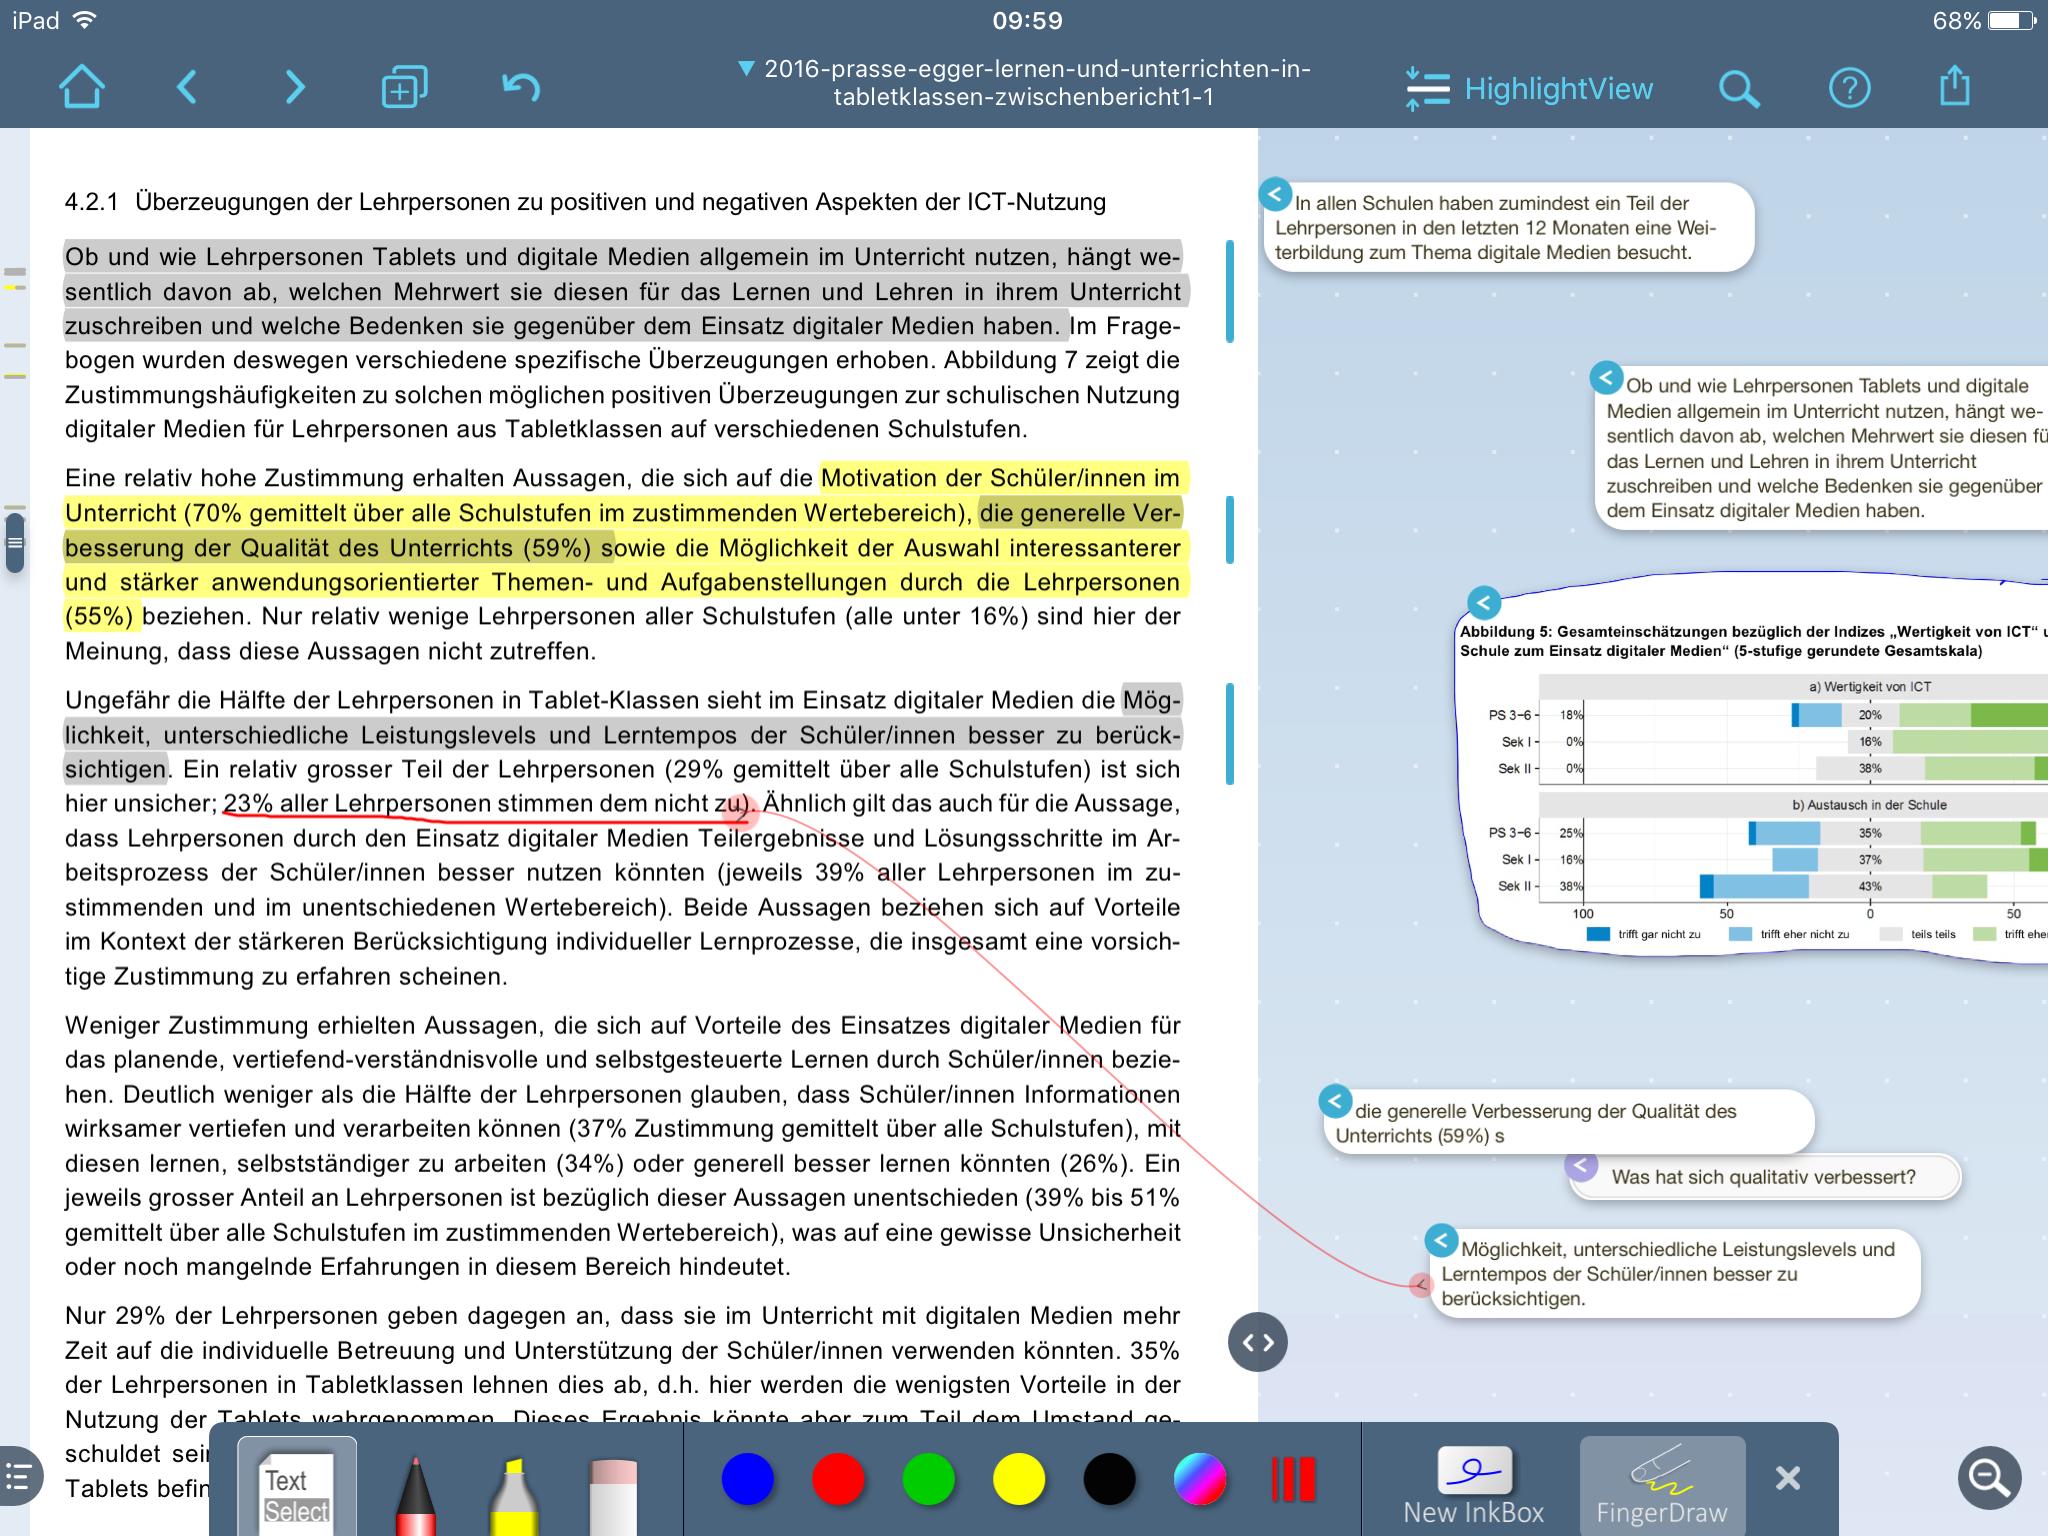 iPad | Projektblog papierloses Studium